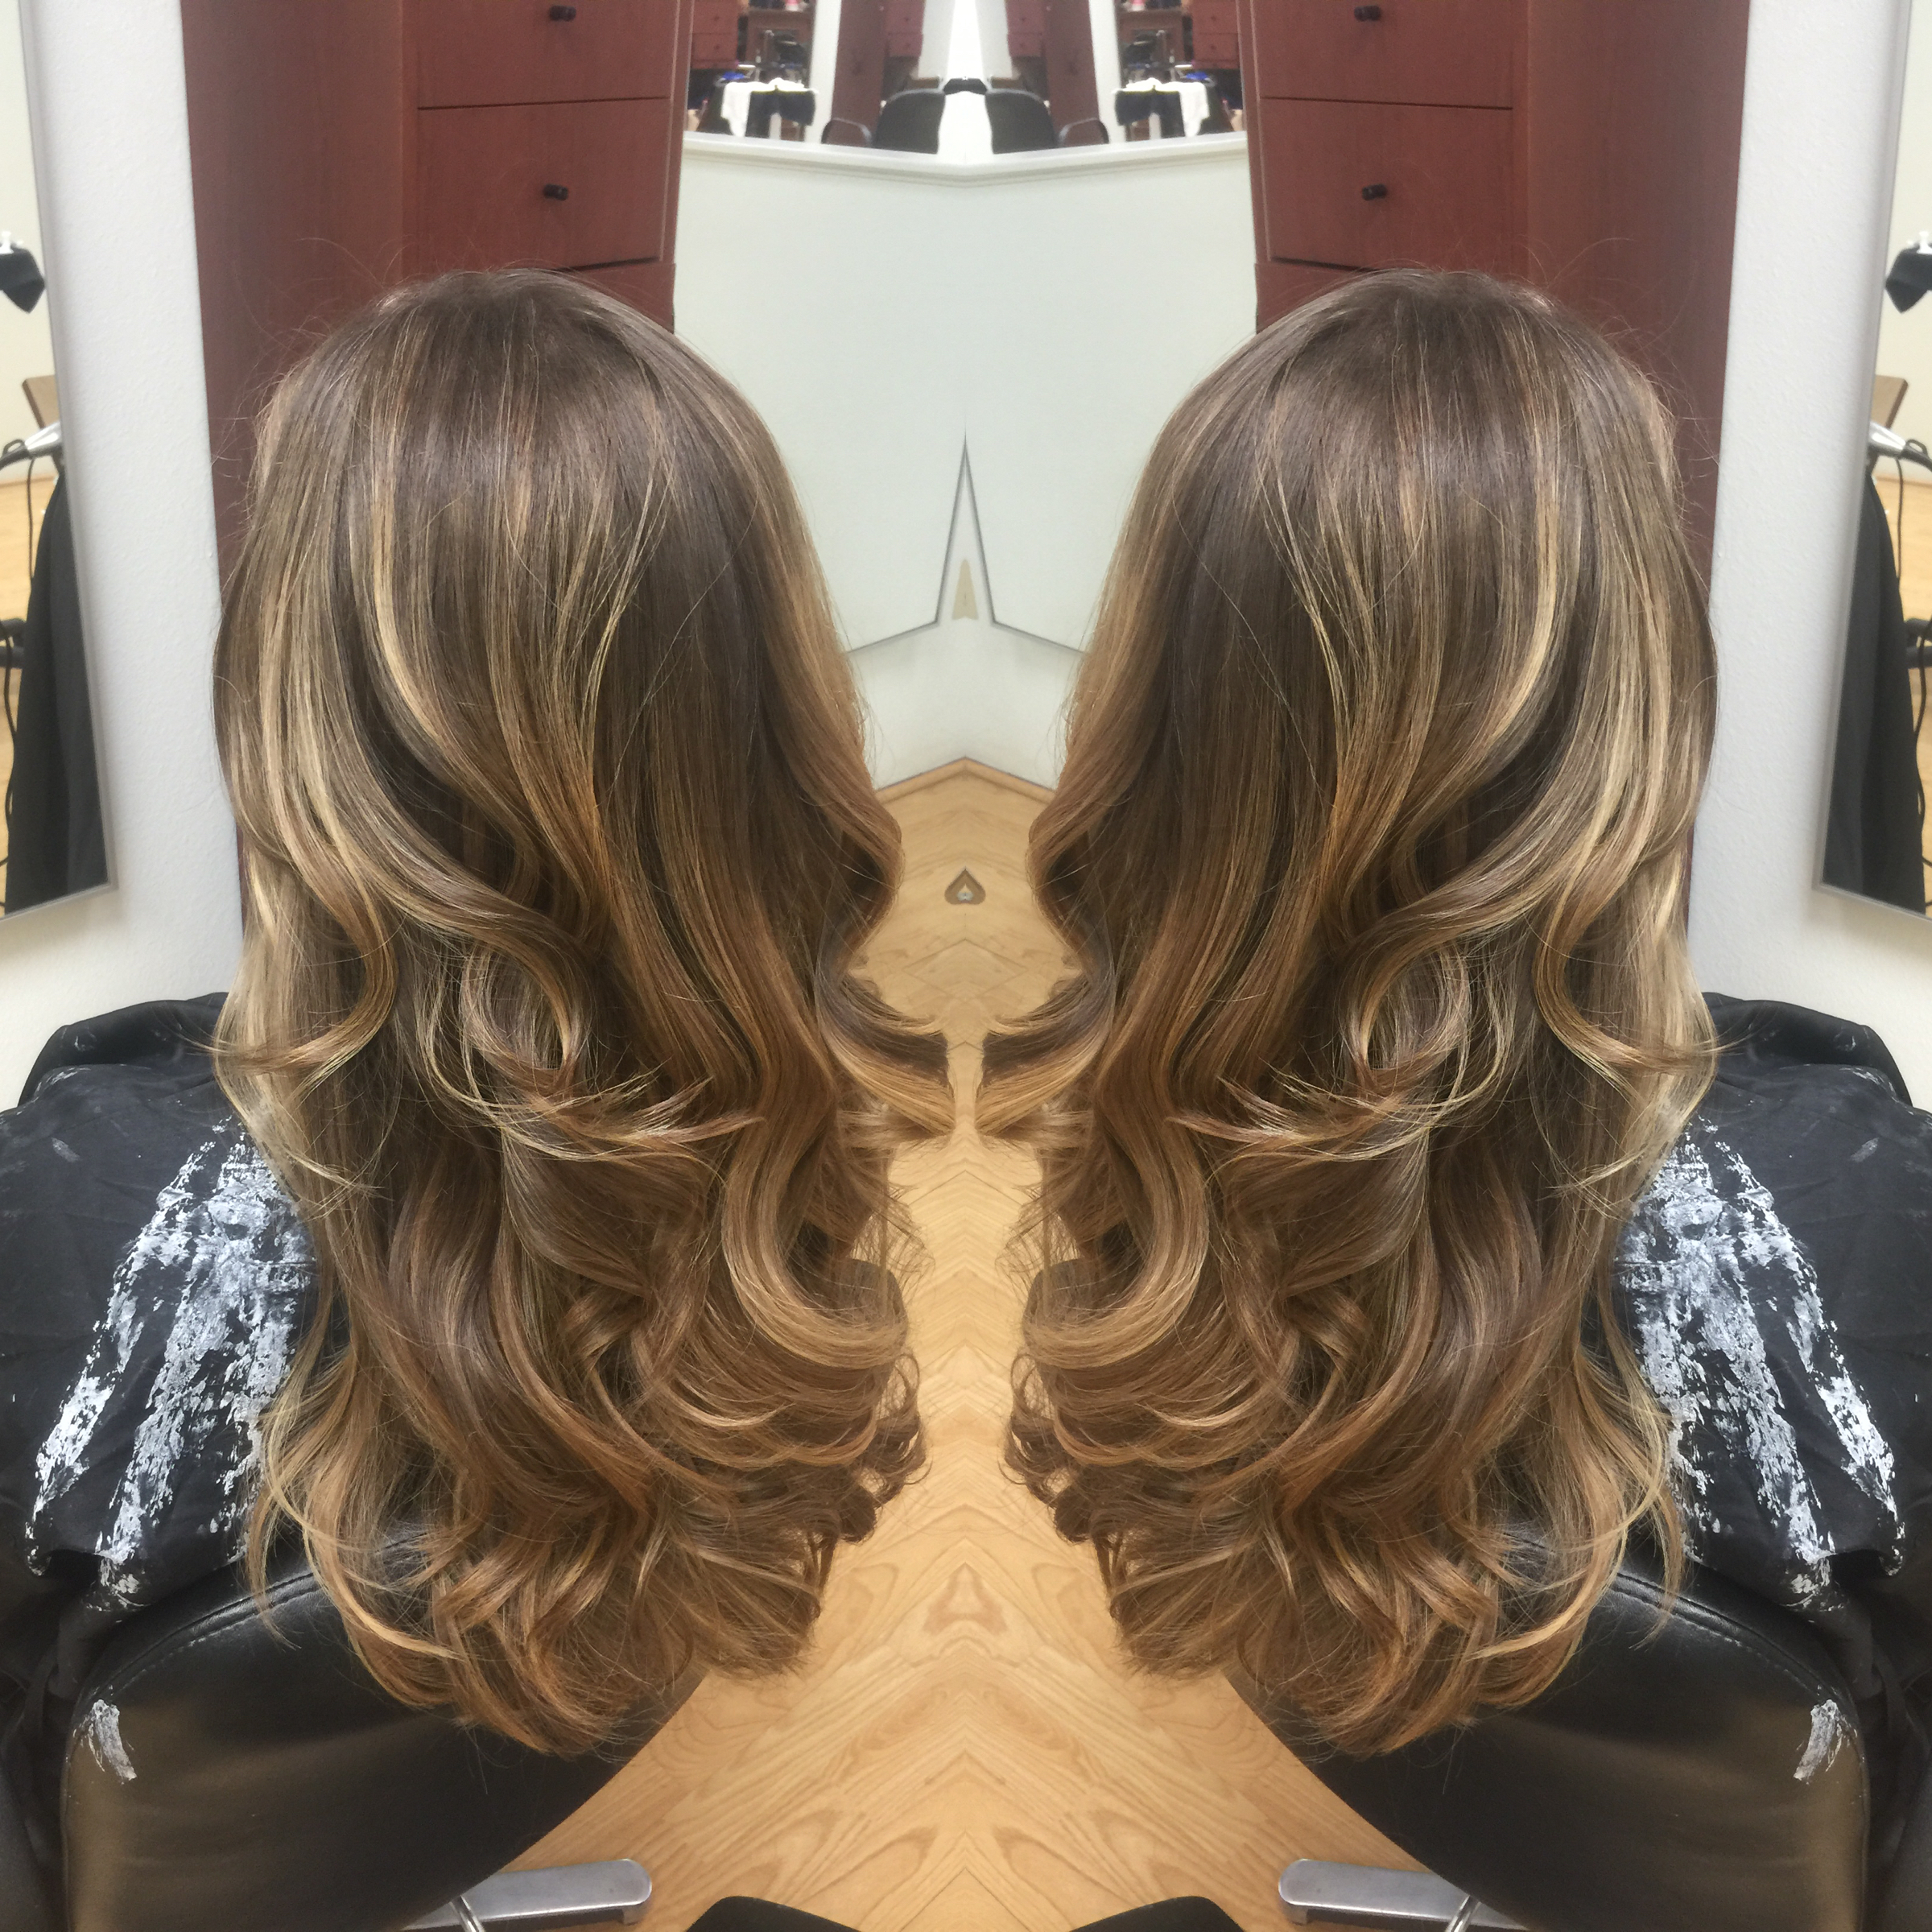 Newport Beach Hair Stylist Natural Long Dark Ash Blonde Hair To